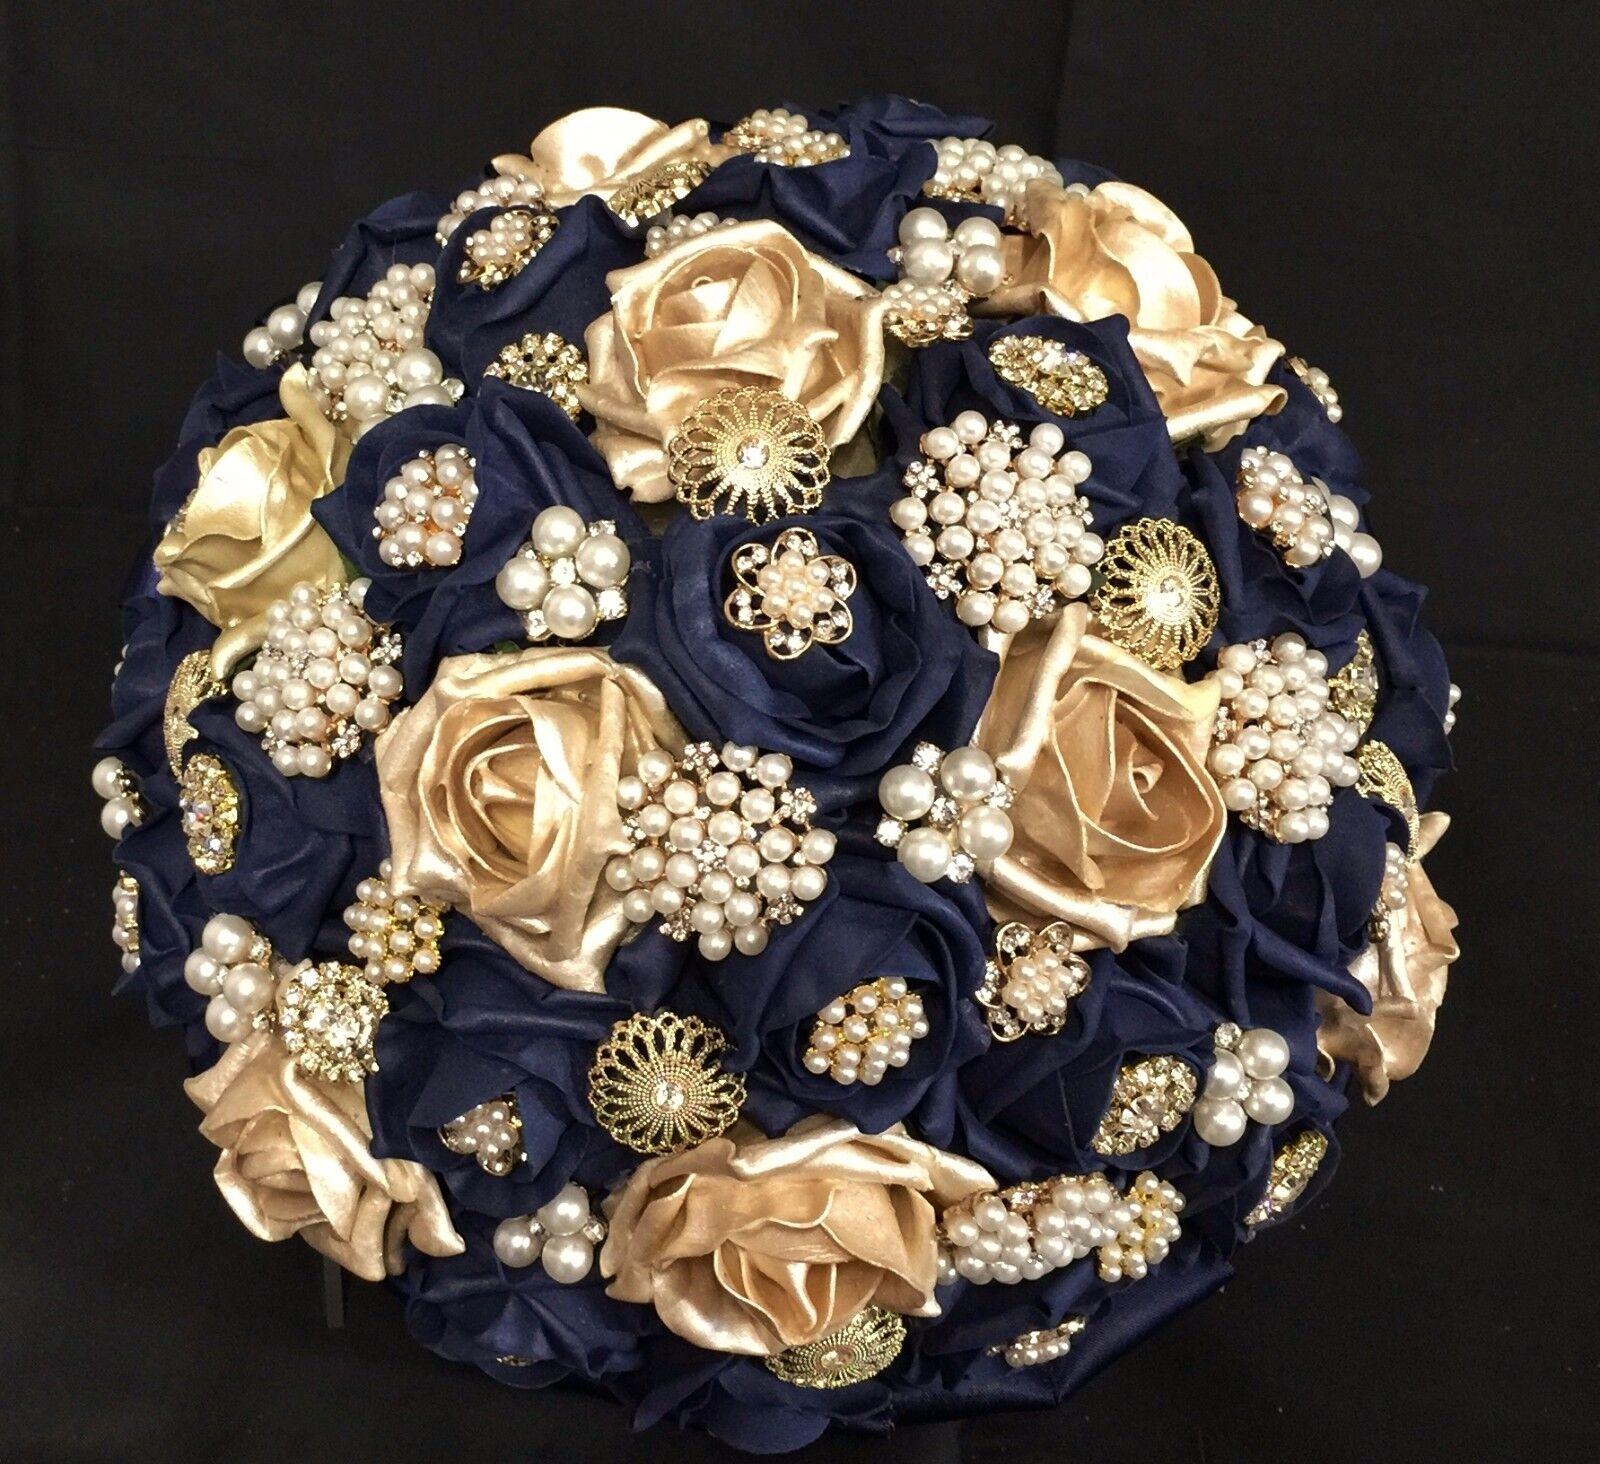 Bleu marine et or roses broches brides bouquet de fleurs, Indian, asian, mariages